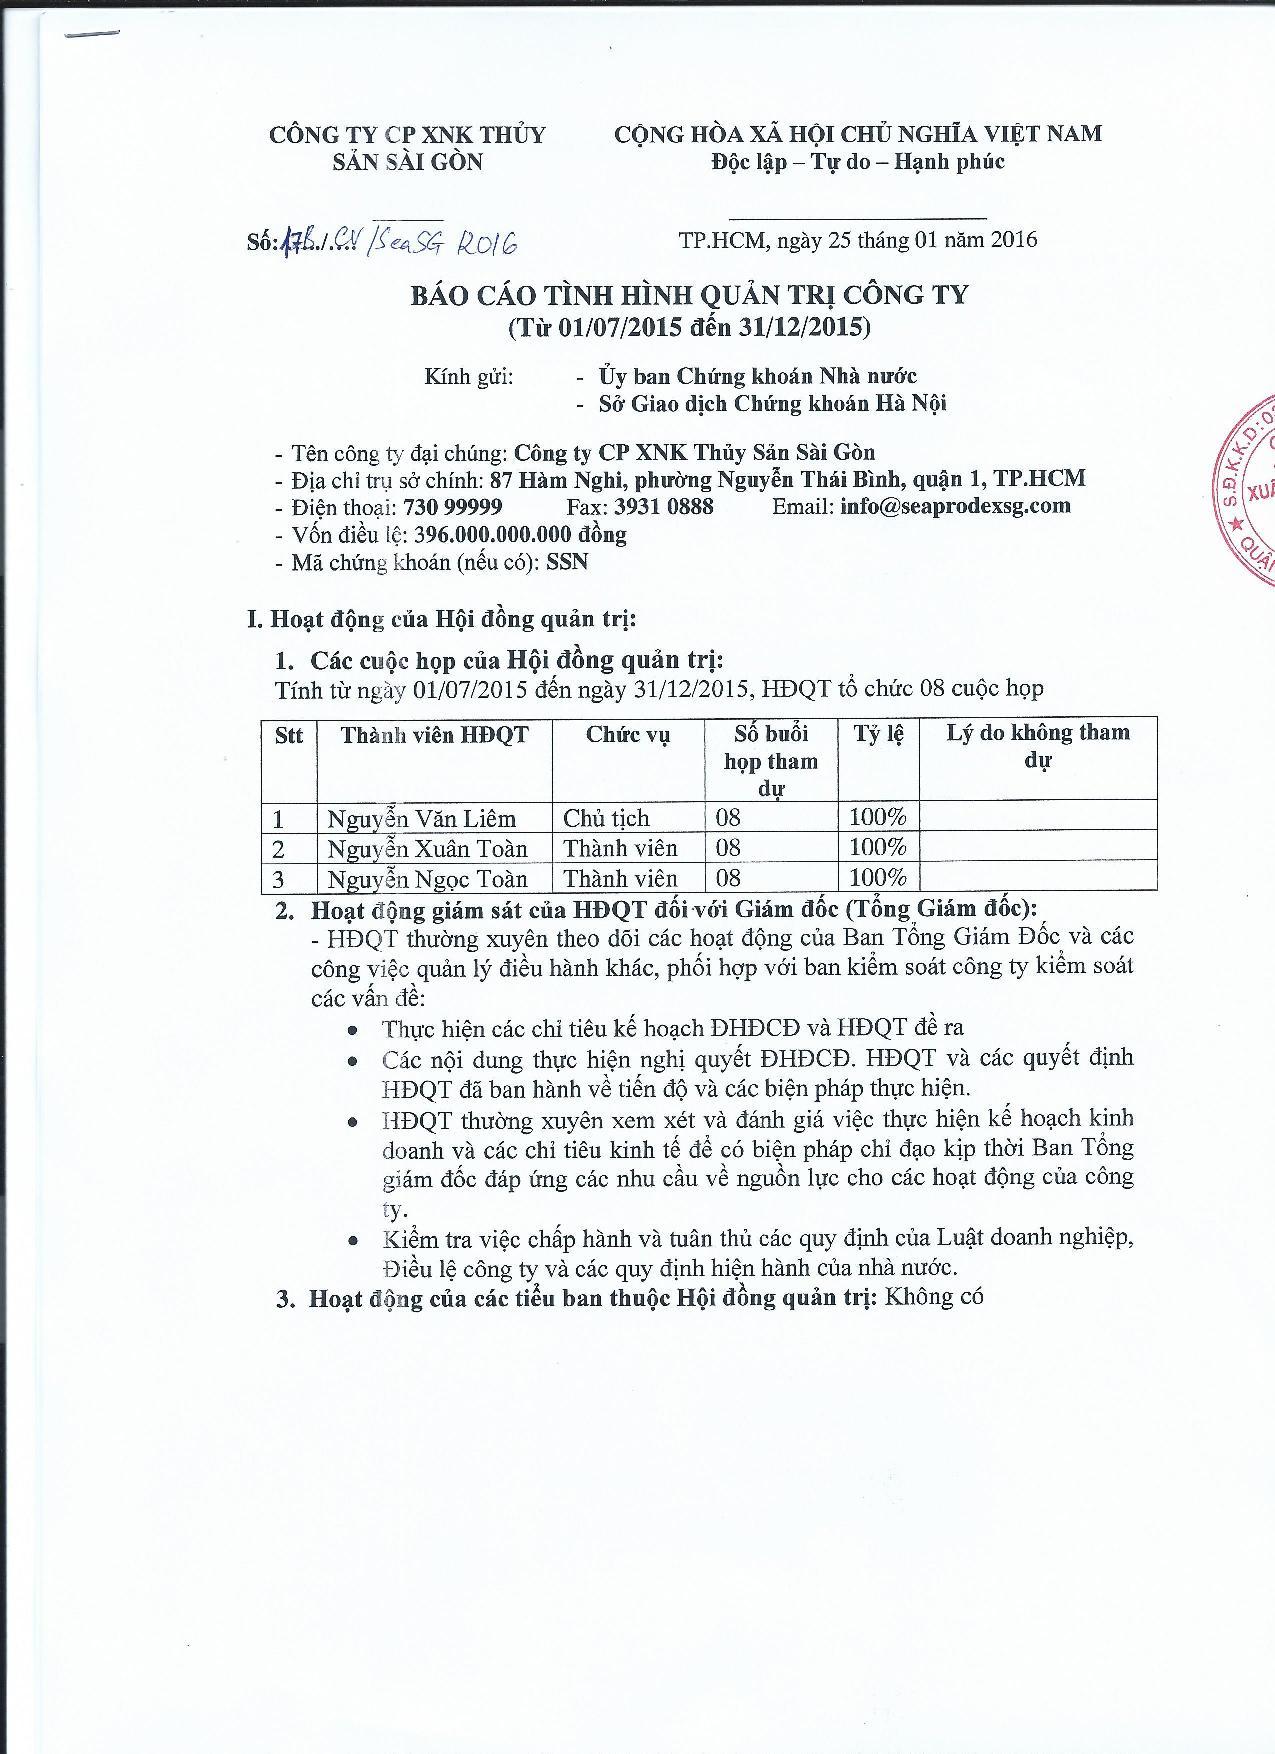 2812016700_17B.CV_.SeaSG_.2016.bao-cao-quan-tri-6-thang-cuoi-2015-cong-bo-thi-truong1-page-001